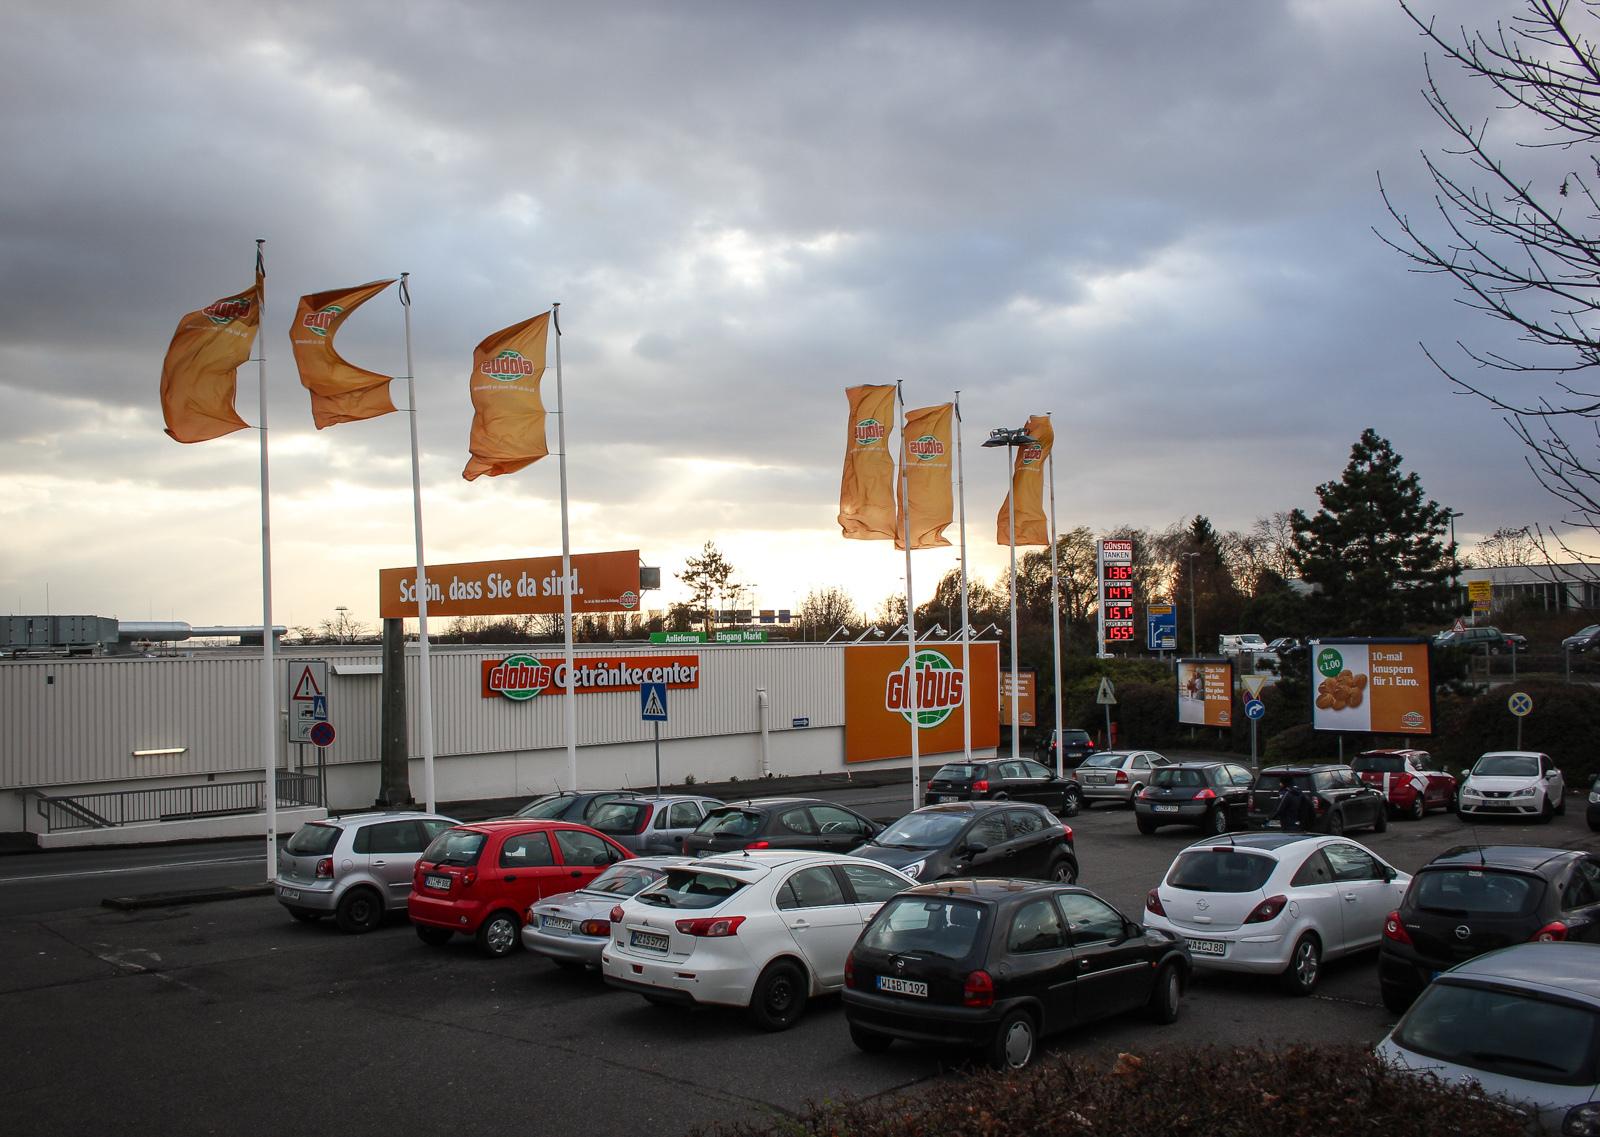 Nordenstadt - Blick auf den Globus Supermarkt